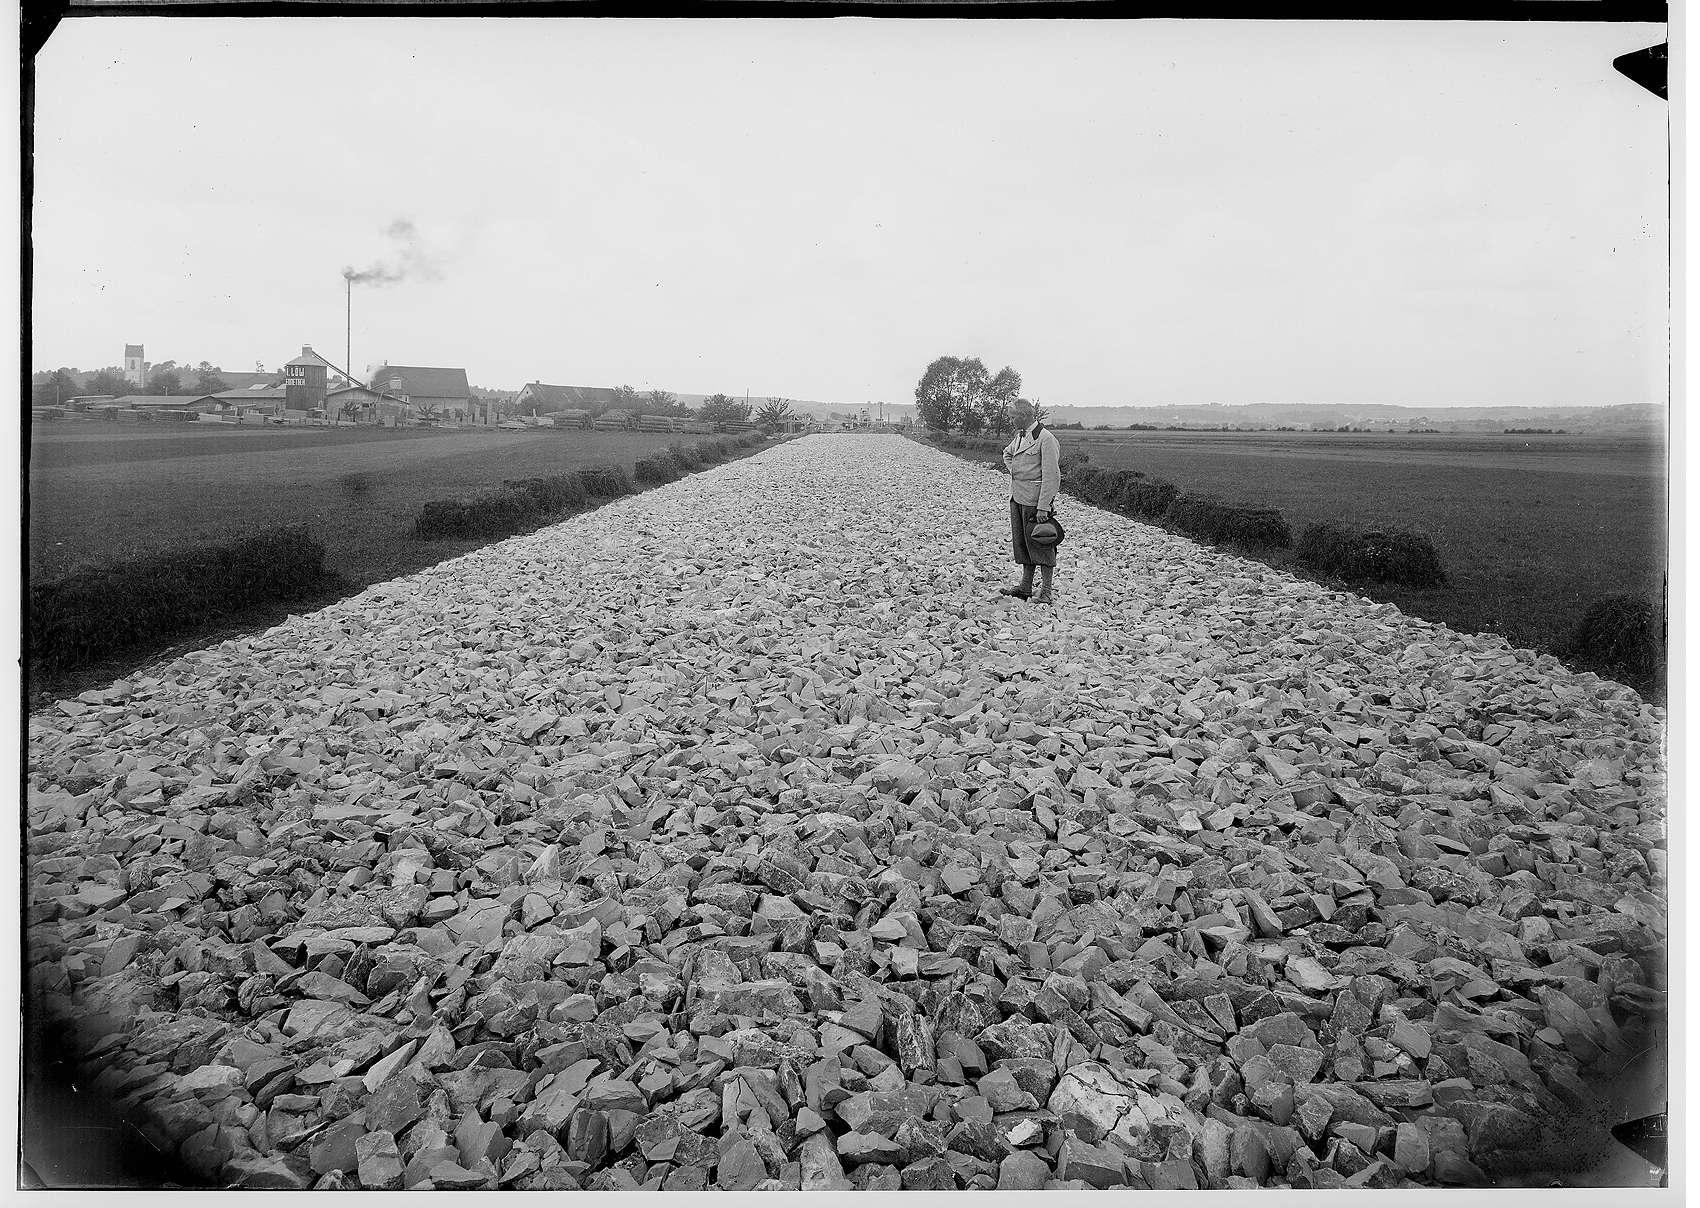 Bauarbeiten der Firma Deutschmann an der Reichsstraße 32 bei Ennetach und Mengen 1935; Verschalung für eine Brücke über einen Bach; Im Hintergrund Sägewerk Löw - Ennetach, Bild 1